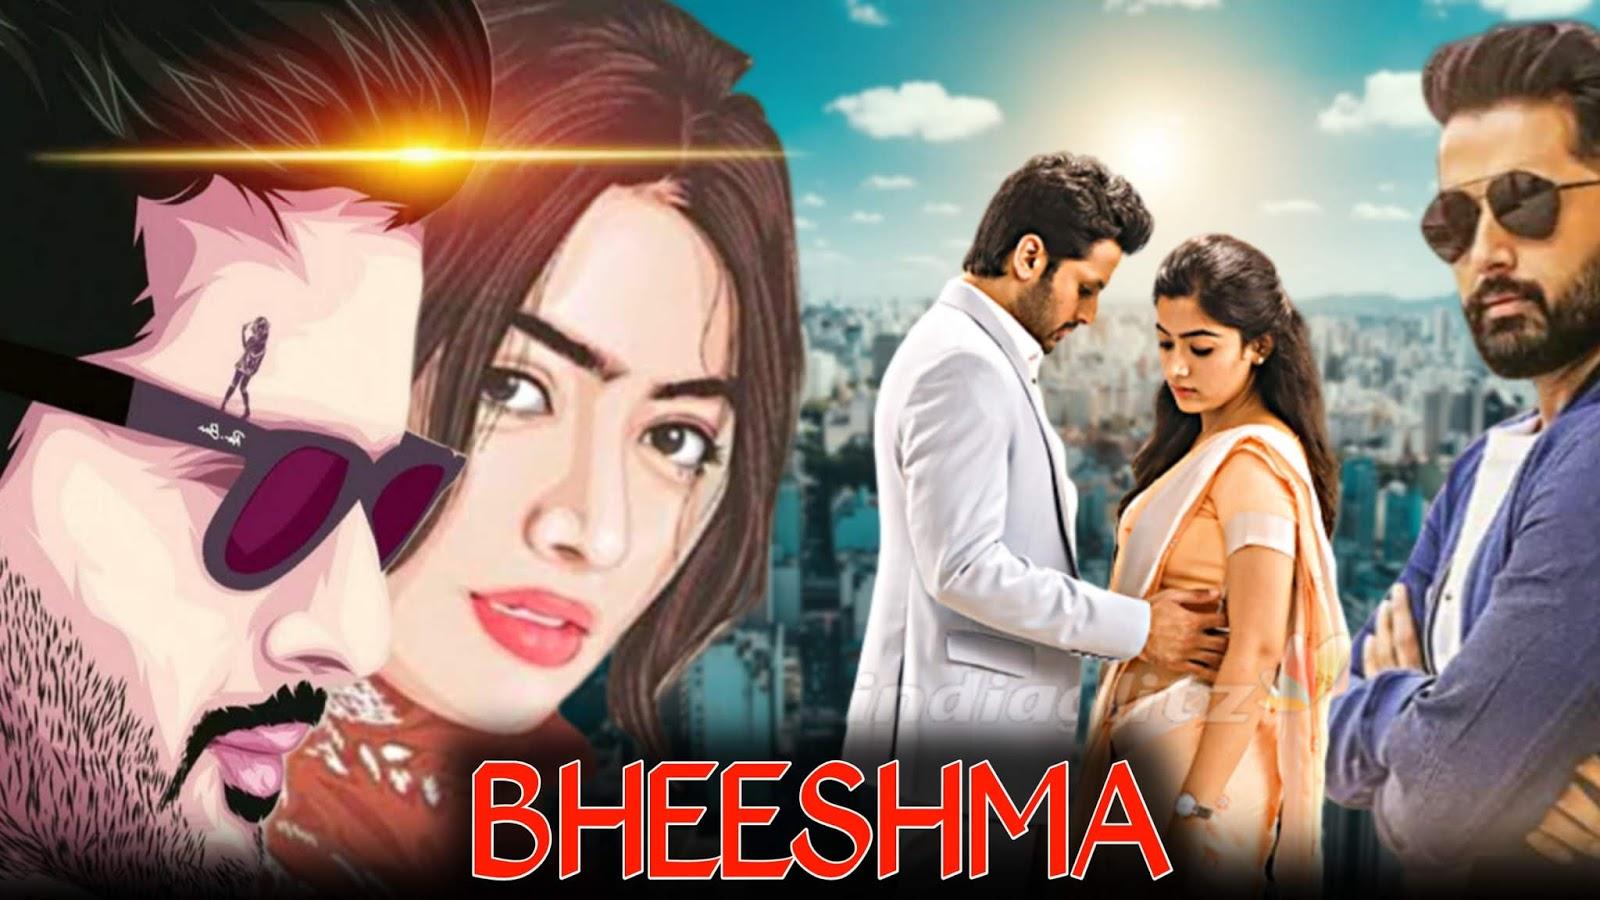 Bheeshma 2020 Nithin Rashmika Mandanna Hd Images First Look Hindi Review